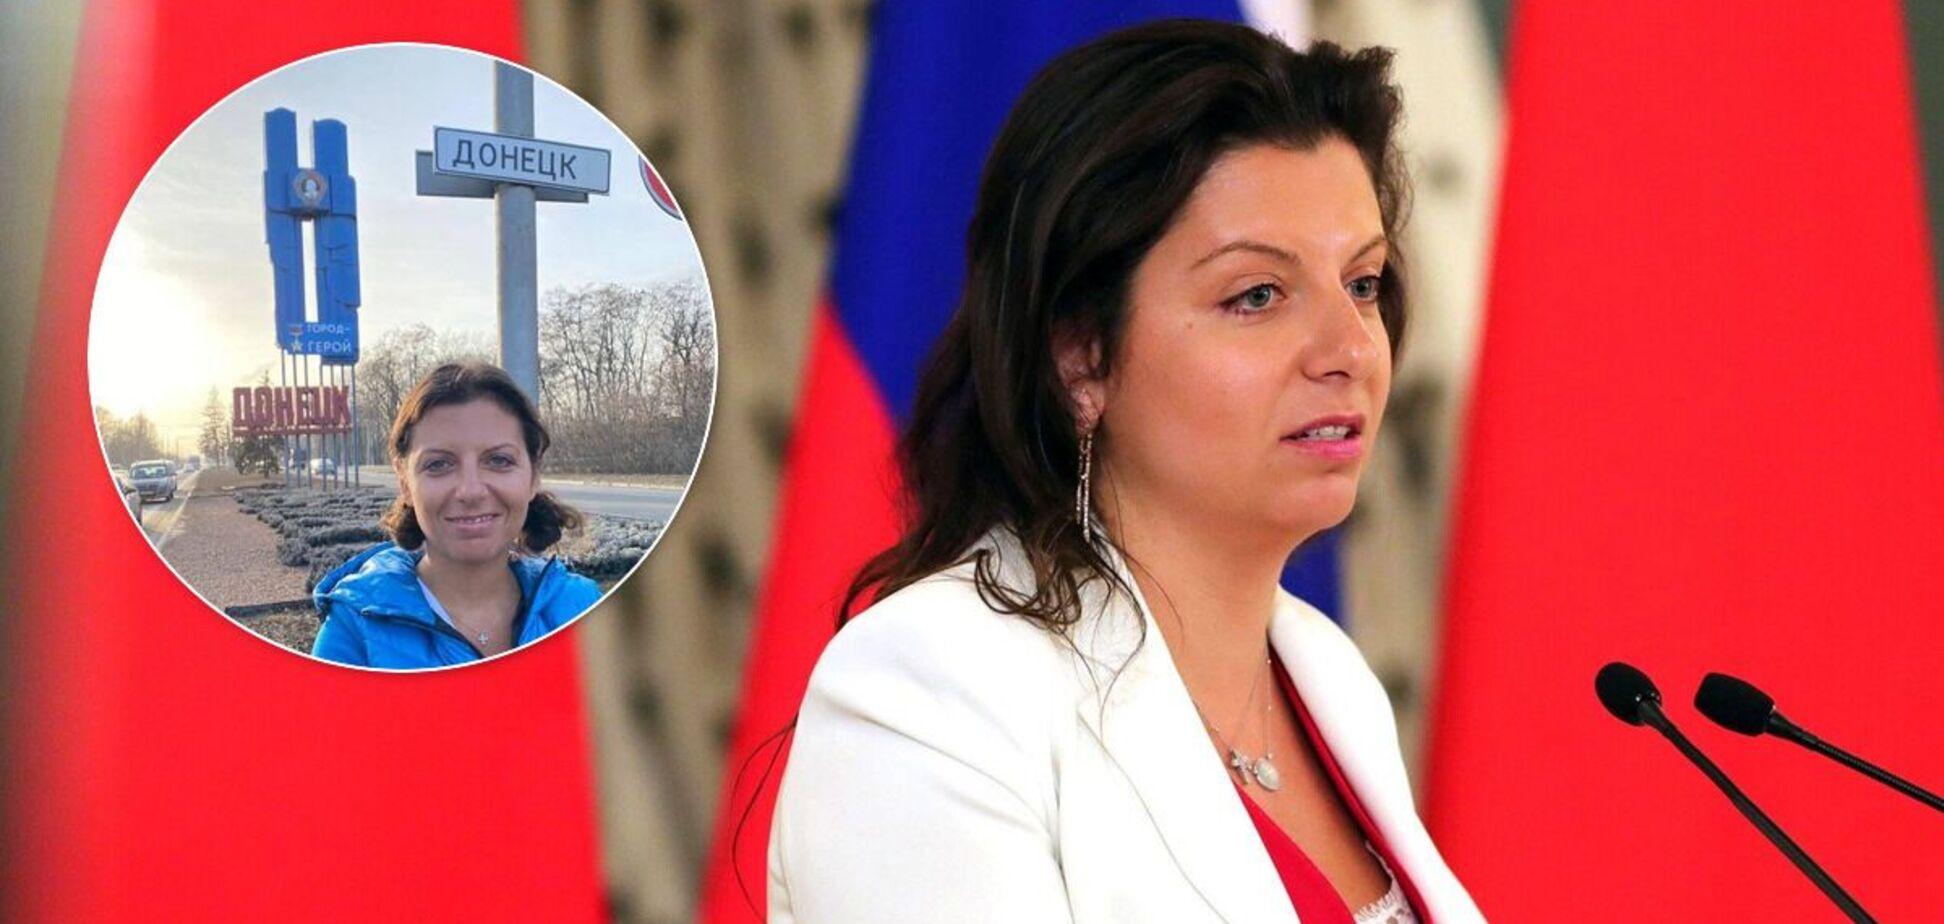 Маргарита Симоньян приехала в 'ДНР'